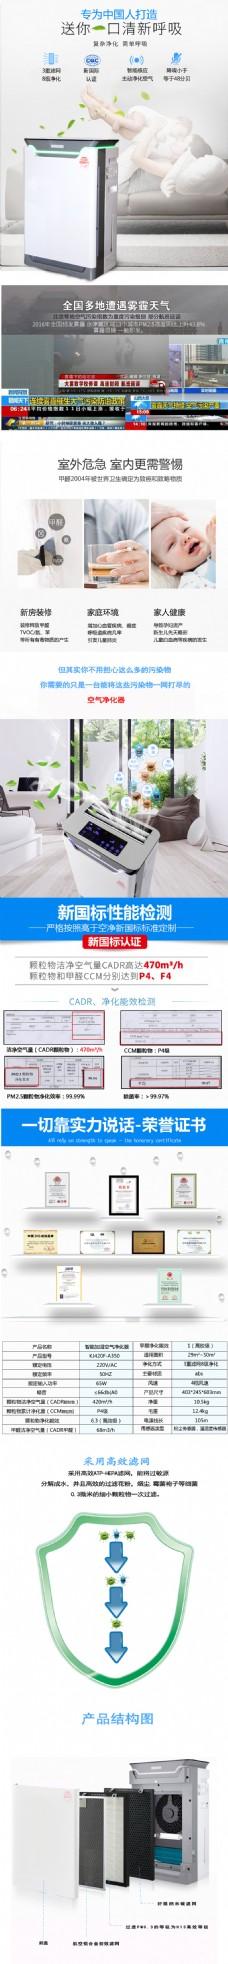 空气净化器(加湿型)详情页淘宝电商